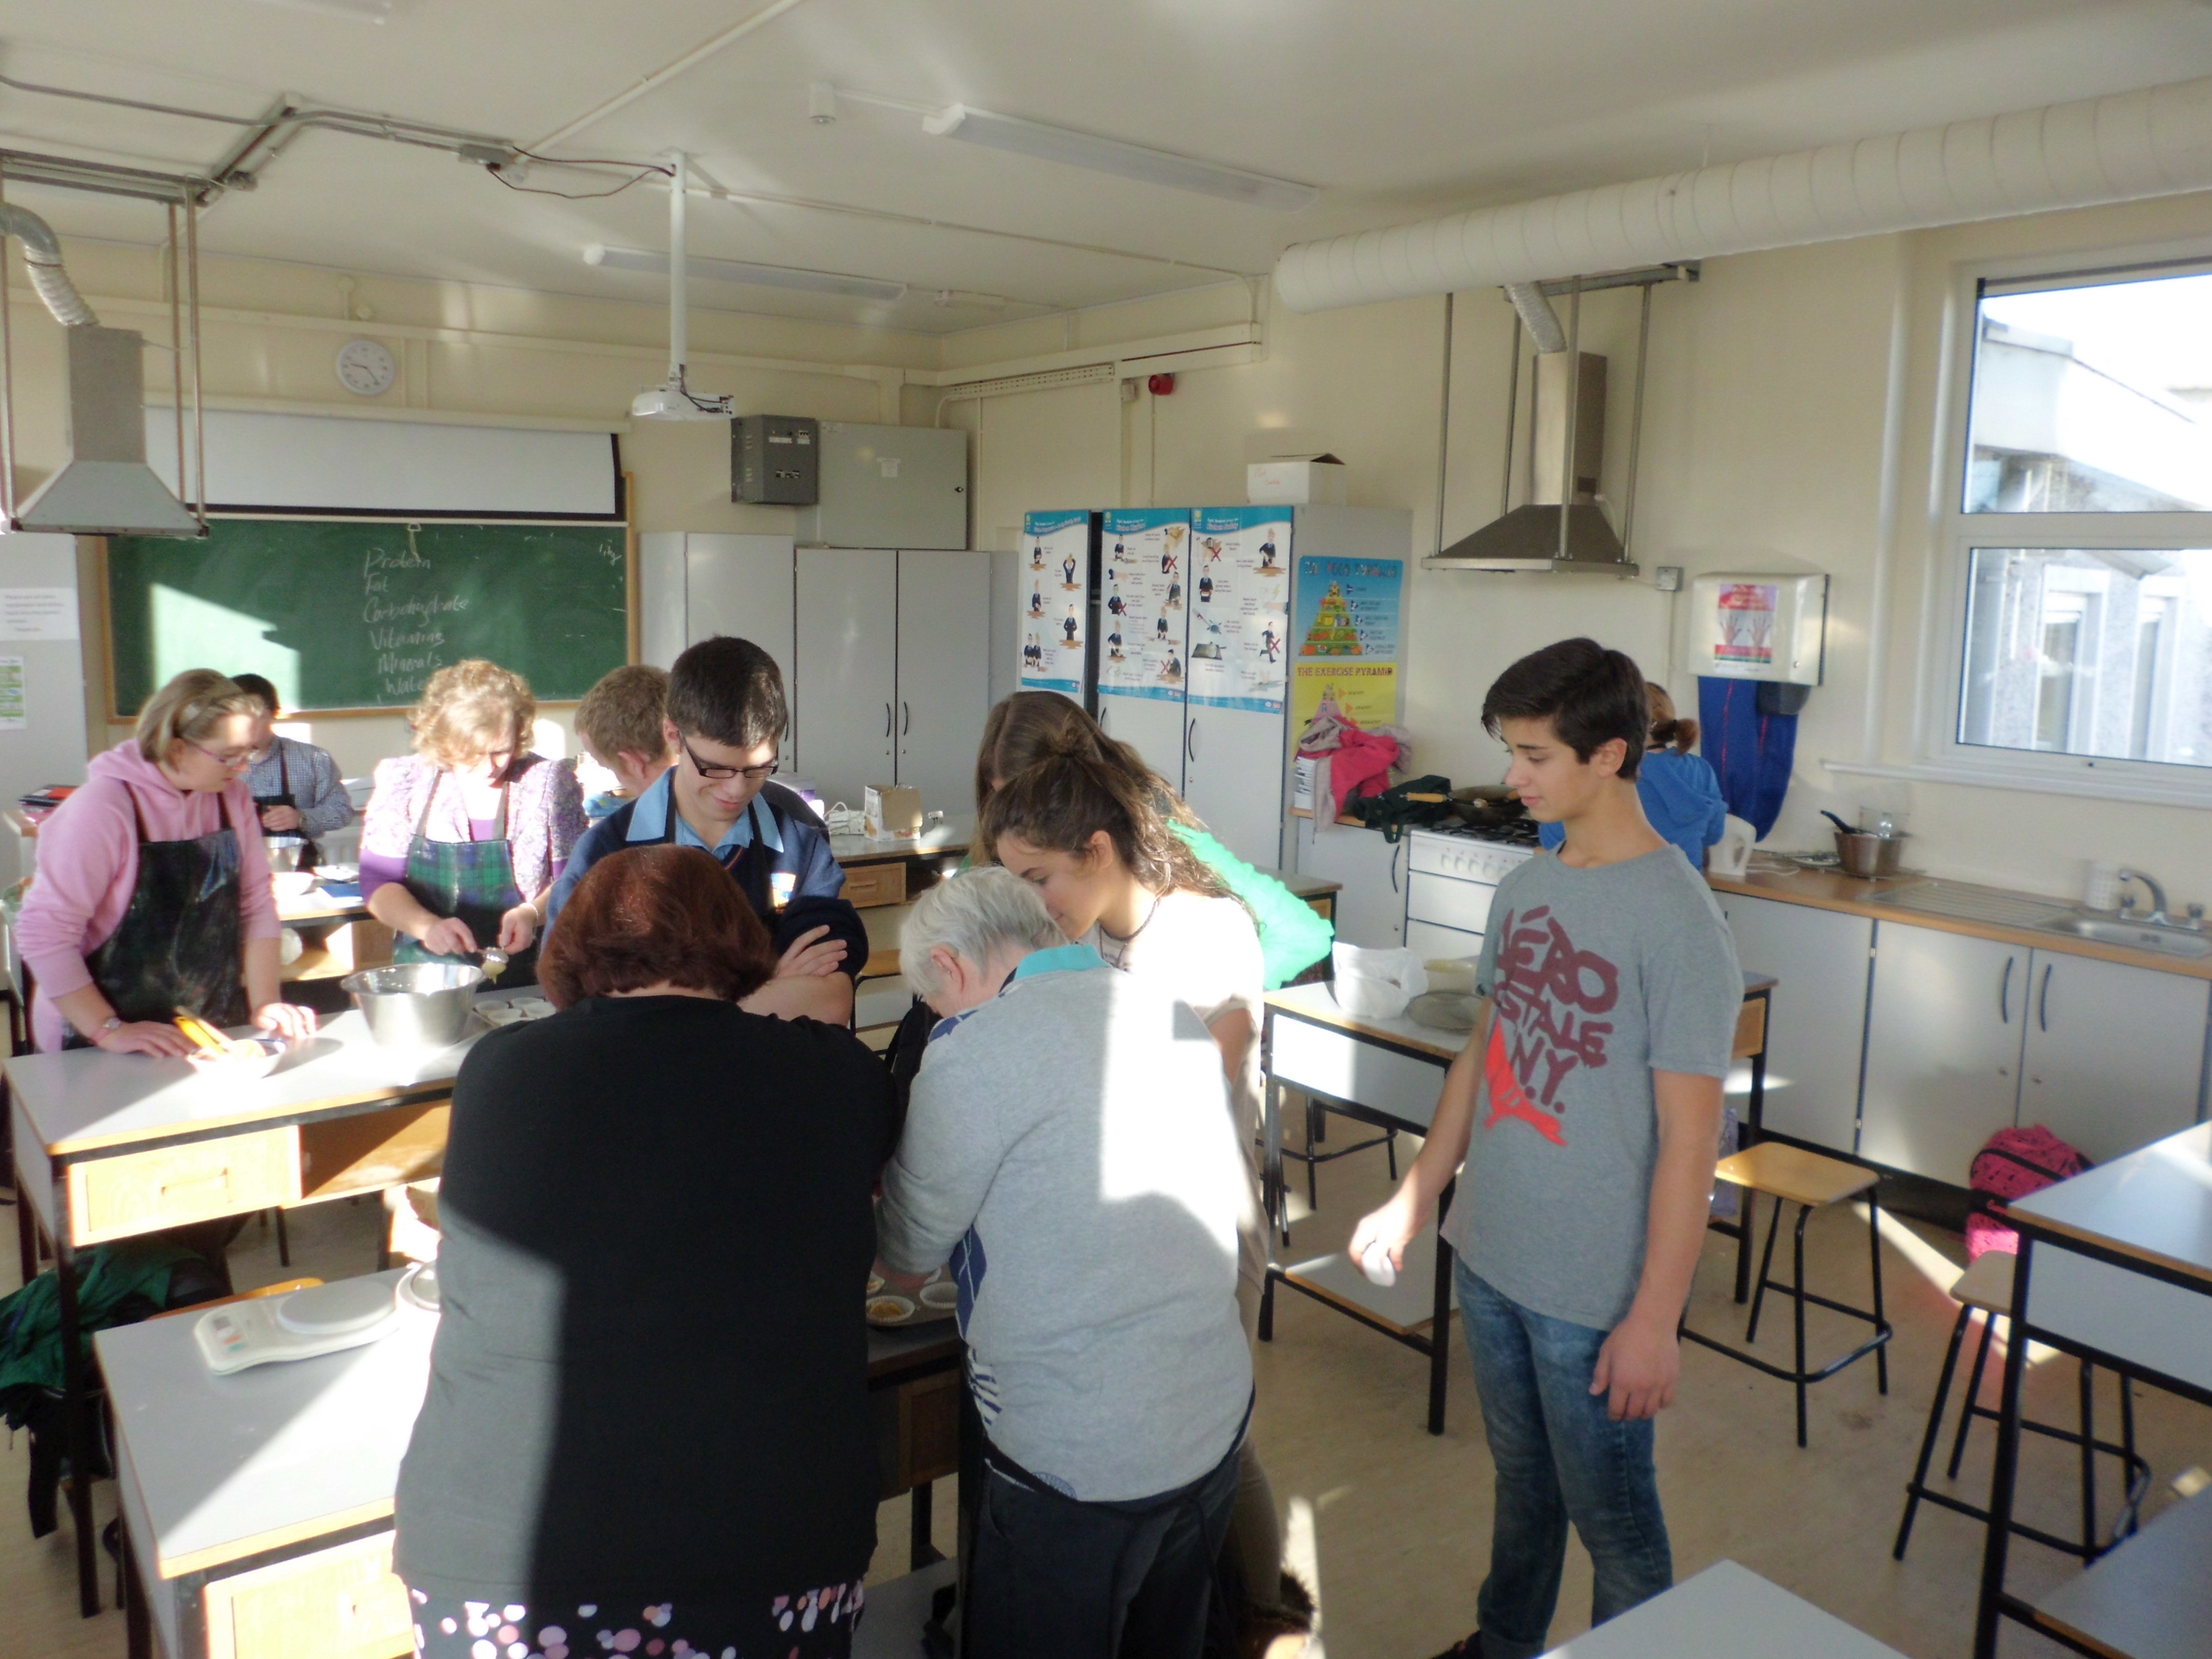 Colegios en bagenalstown blog vigo en ingles - Cocina con clase ...